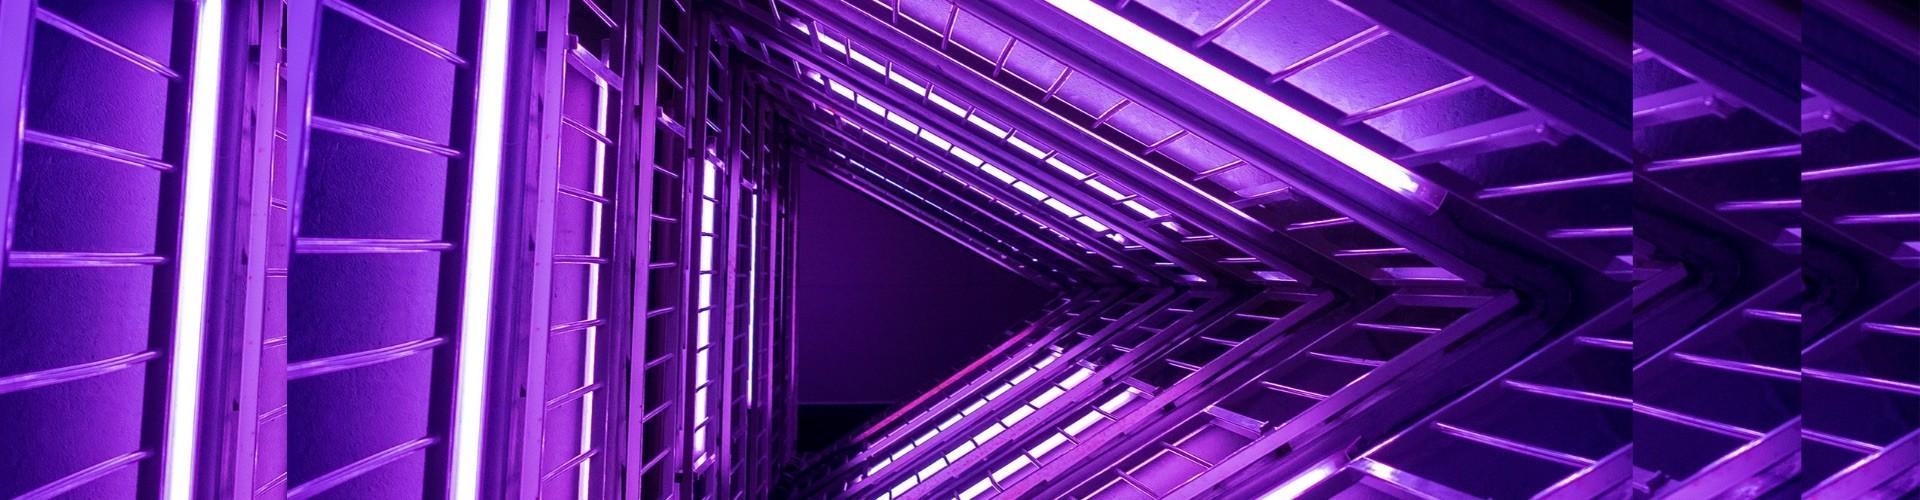 Focus op je doel: volg een groeiplan en zet overtuigingstechnieken in - Image: paars hoog gebouw